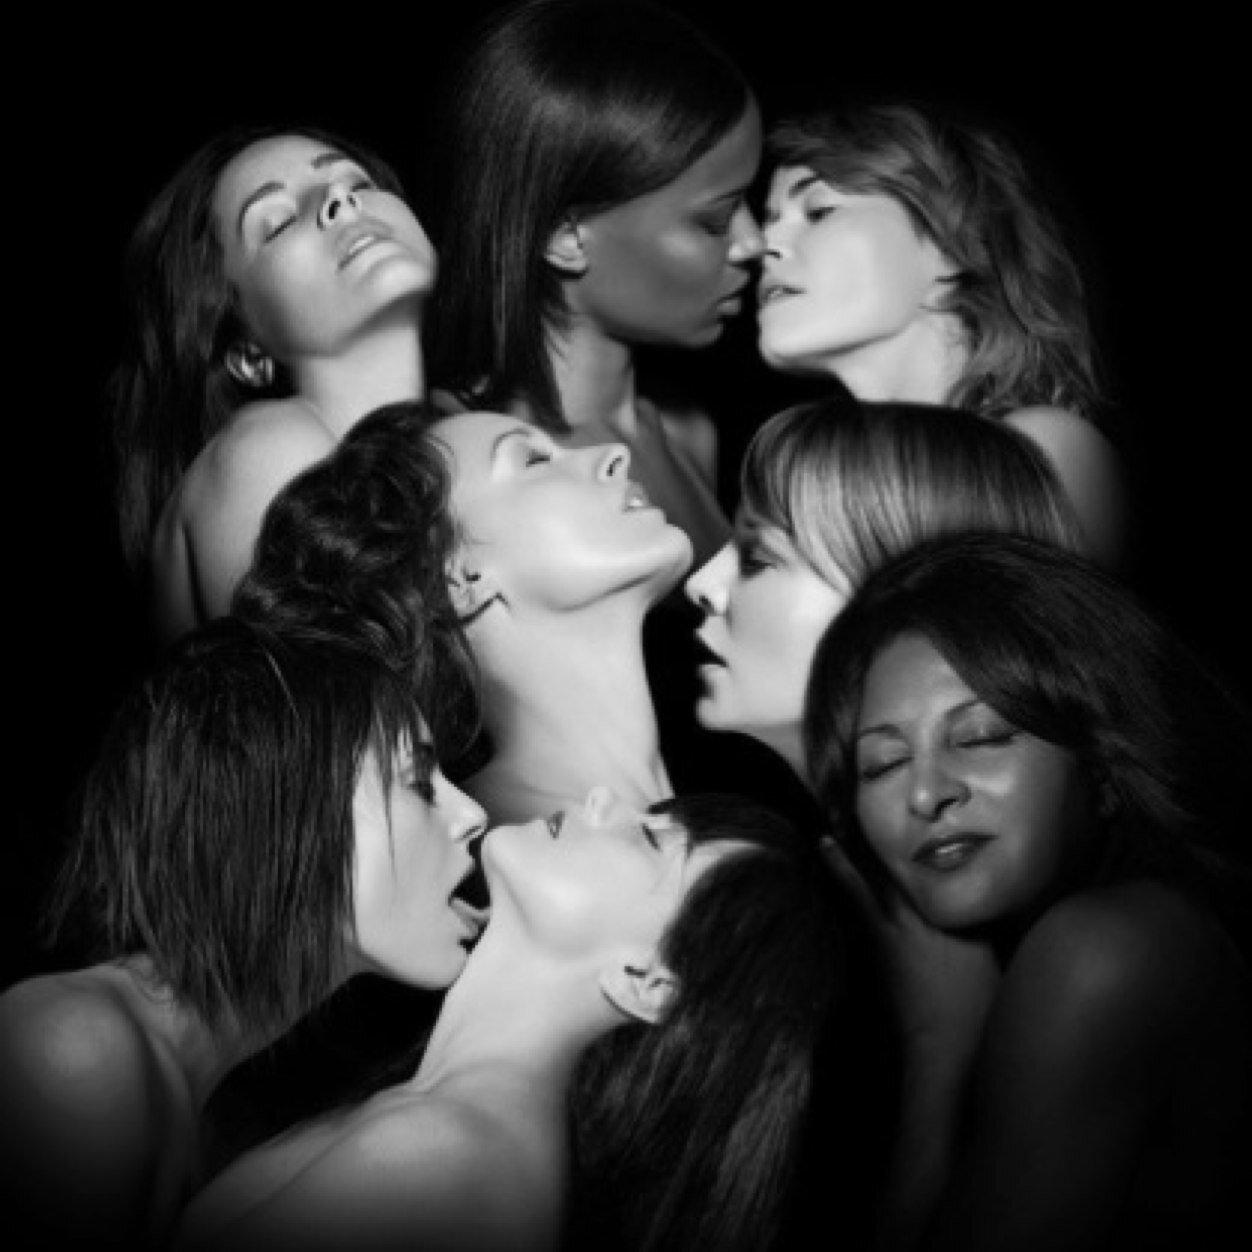 Big lesbian actresses the l word hudgens sex video